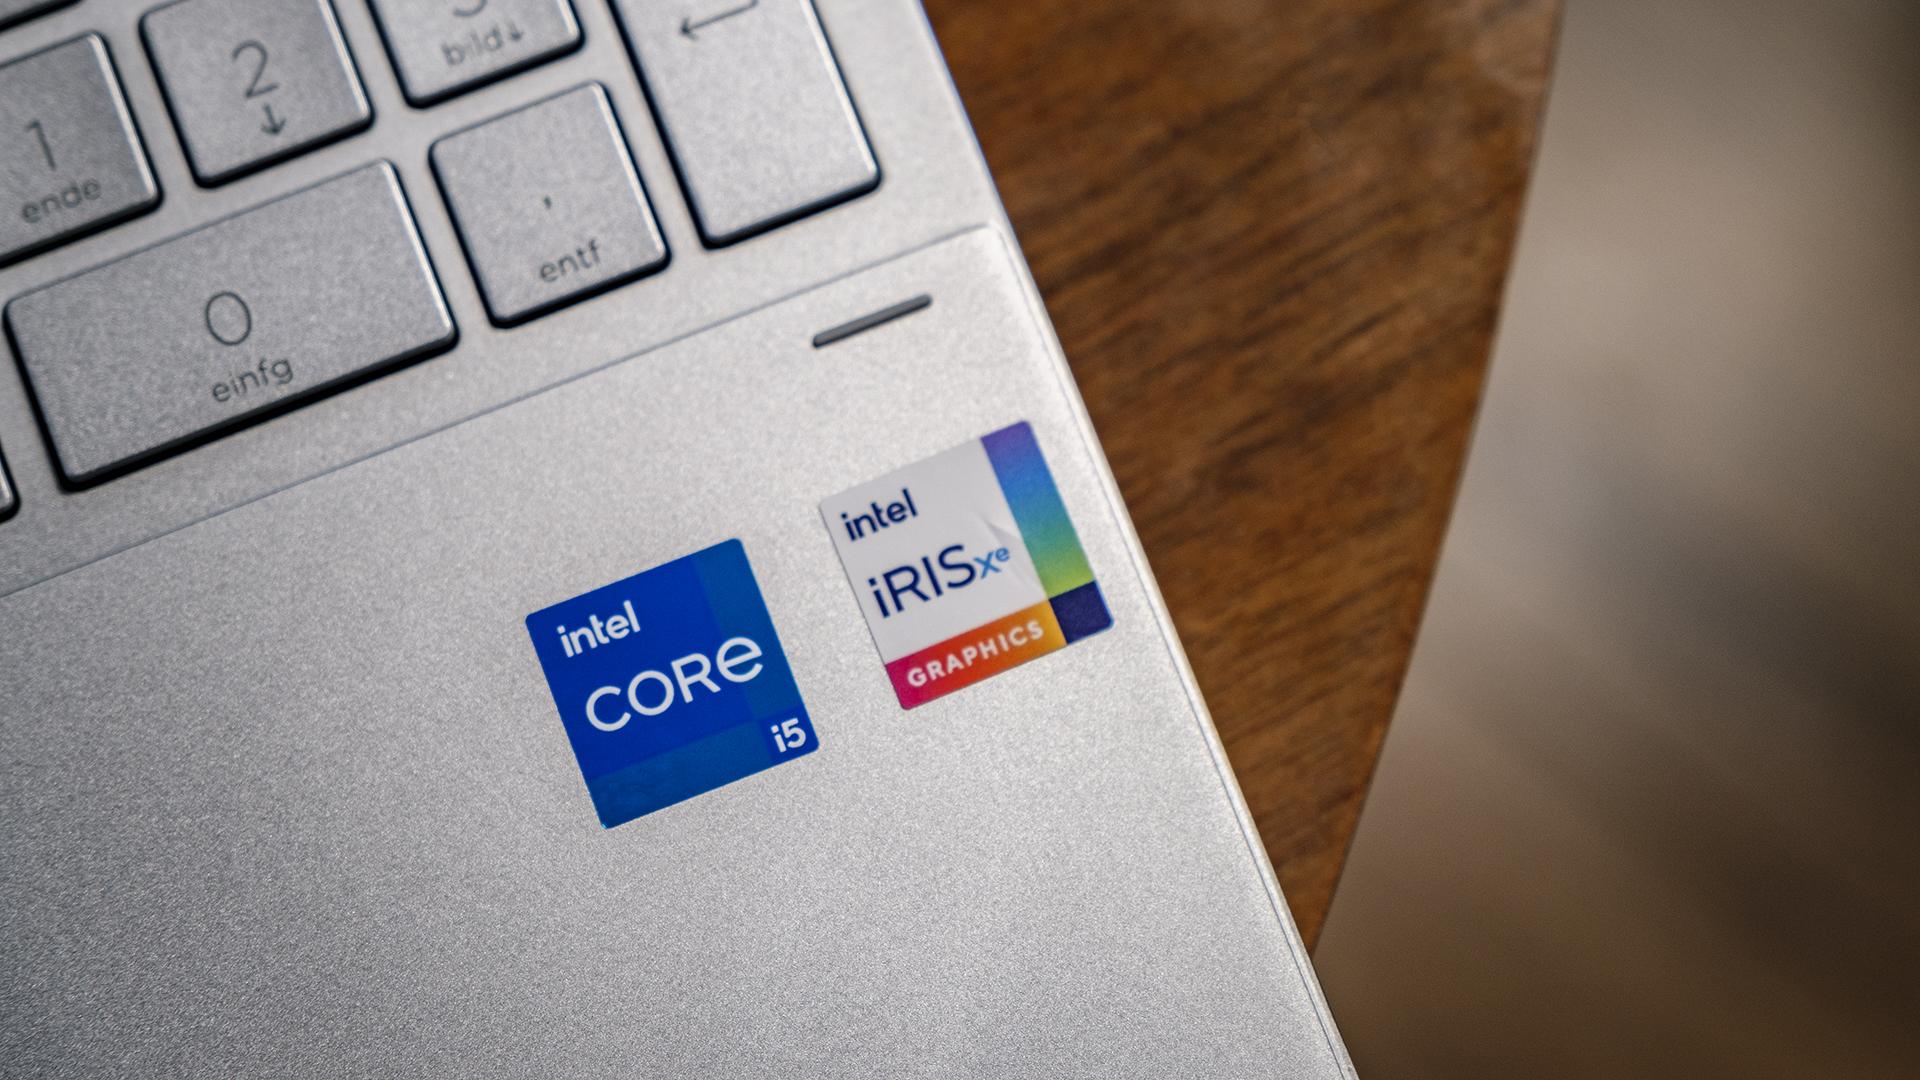 HP ENVY x360 15 Intel Core i5-1135G7 Intel Iris Xe Logo 2